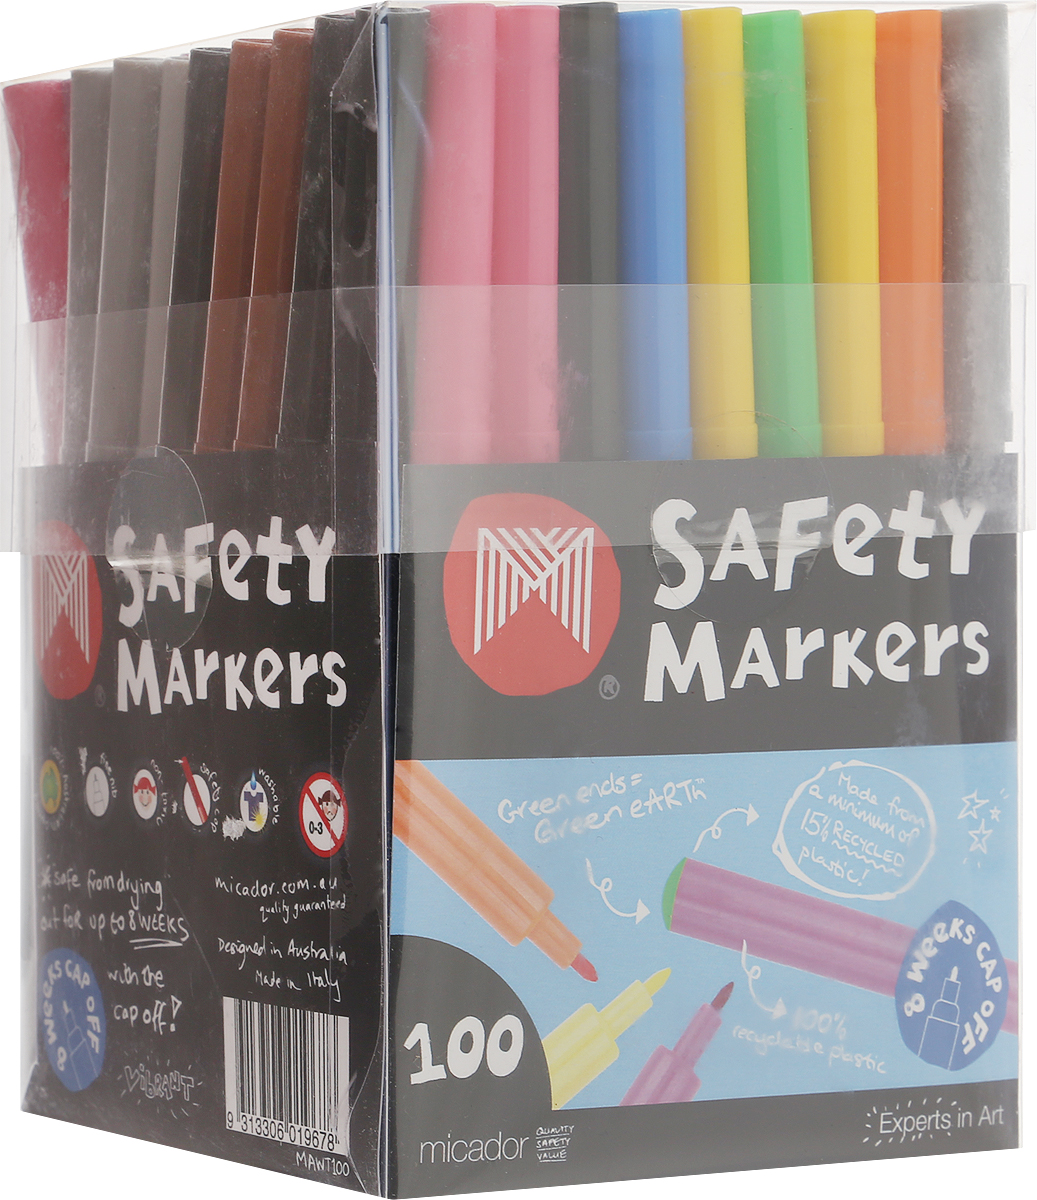 Micador Фломастеры 100 штMAWT100Фломастеры Micador классических цветов на водной основе оценят не только маленькие художники, но их родители.Фломастеры не содержат спирта, растворителей и токсичных компонентов, поэтому полностью безопасны для маленьких детей. Фломастеры имеют яркие насыщенные цвета, чернила не расплываются на бумаге, что позволяет делать четкие линии. Изготовлены по запатентованной технологии Easy Wash. Отлично смываются как с кожи, так и с других поверхностей (ткани, мебели), что обязательно оценят родители. Фломастеры долговечные они не высыхают с открытым колпачком до 8 недель, при необходимости легко заправляются водой, а это значит, вам не придется покупать все новые и новые фломастеры долгое время.Рисование развивает творческие способности, воображение, логику, память, мышление.Австралийский бренд Micador - эксперт в товарах для детского творчества с 1954 года.Каждый цвет фломастера повторяется несколько раз.